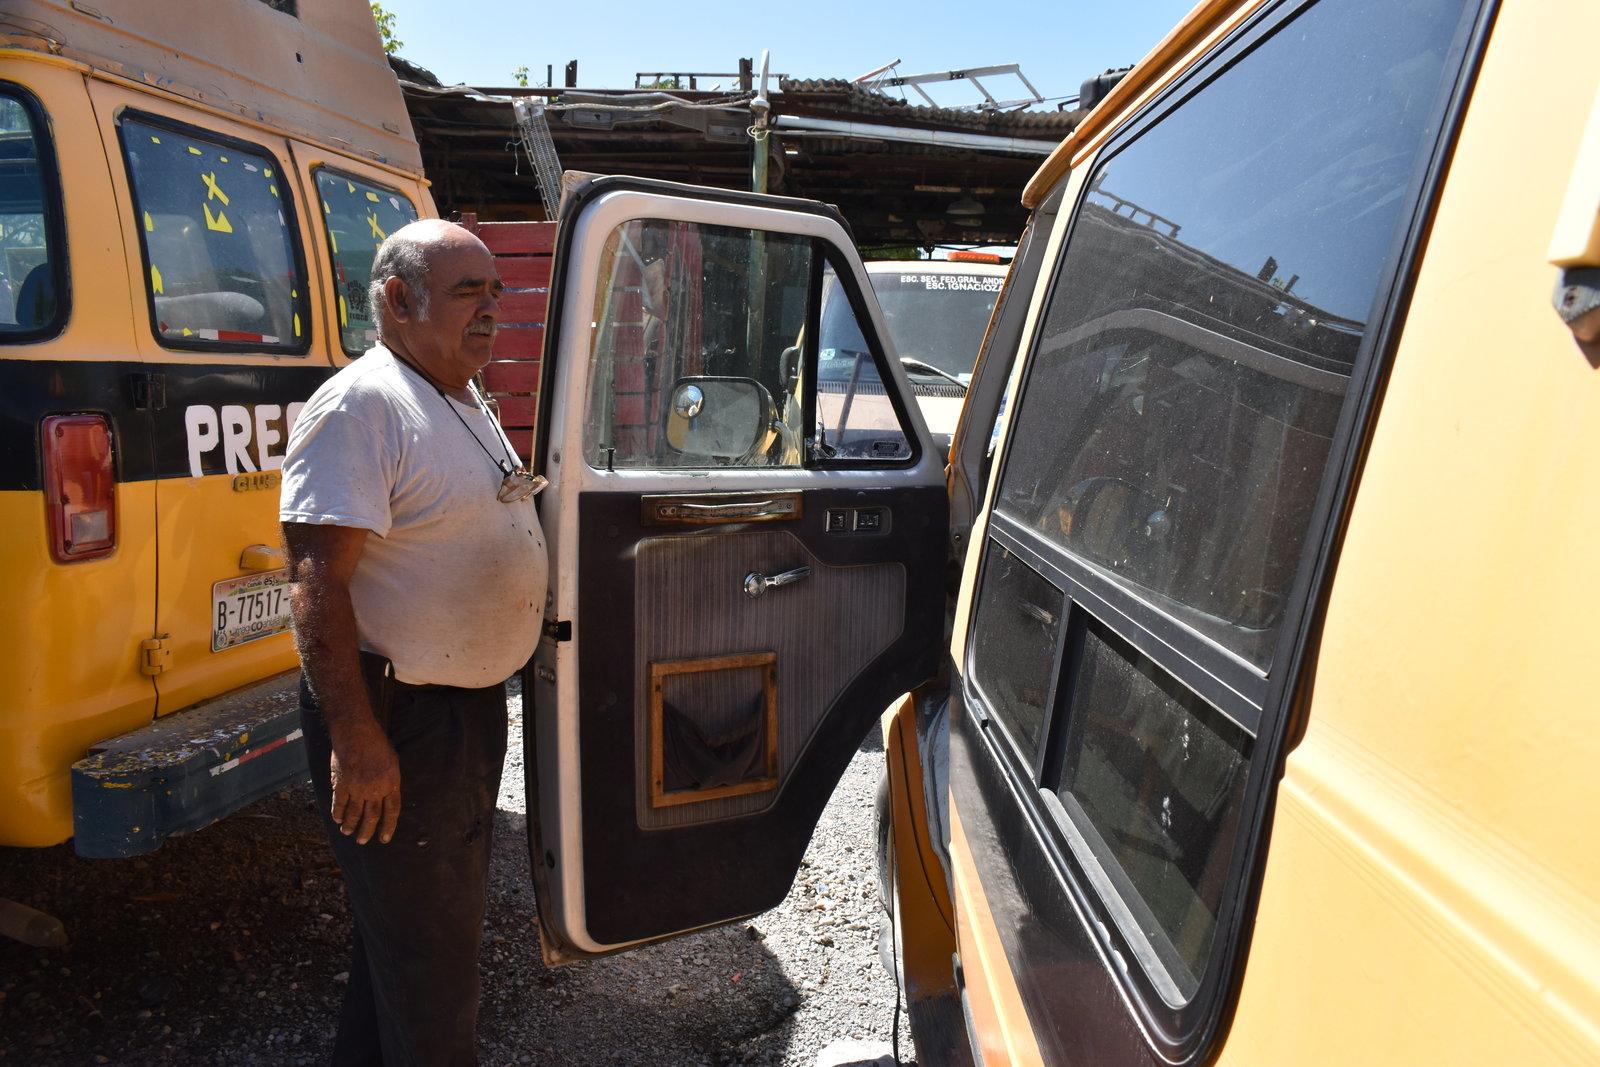 Agoniza el transporte  escolar en 'San Buena'